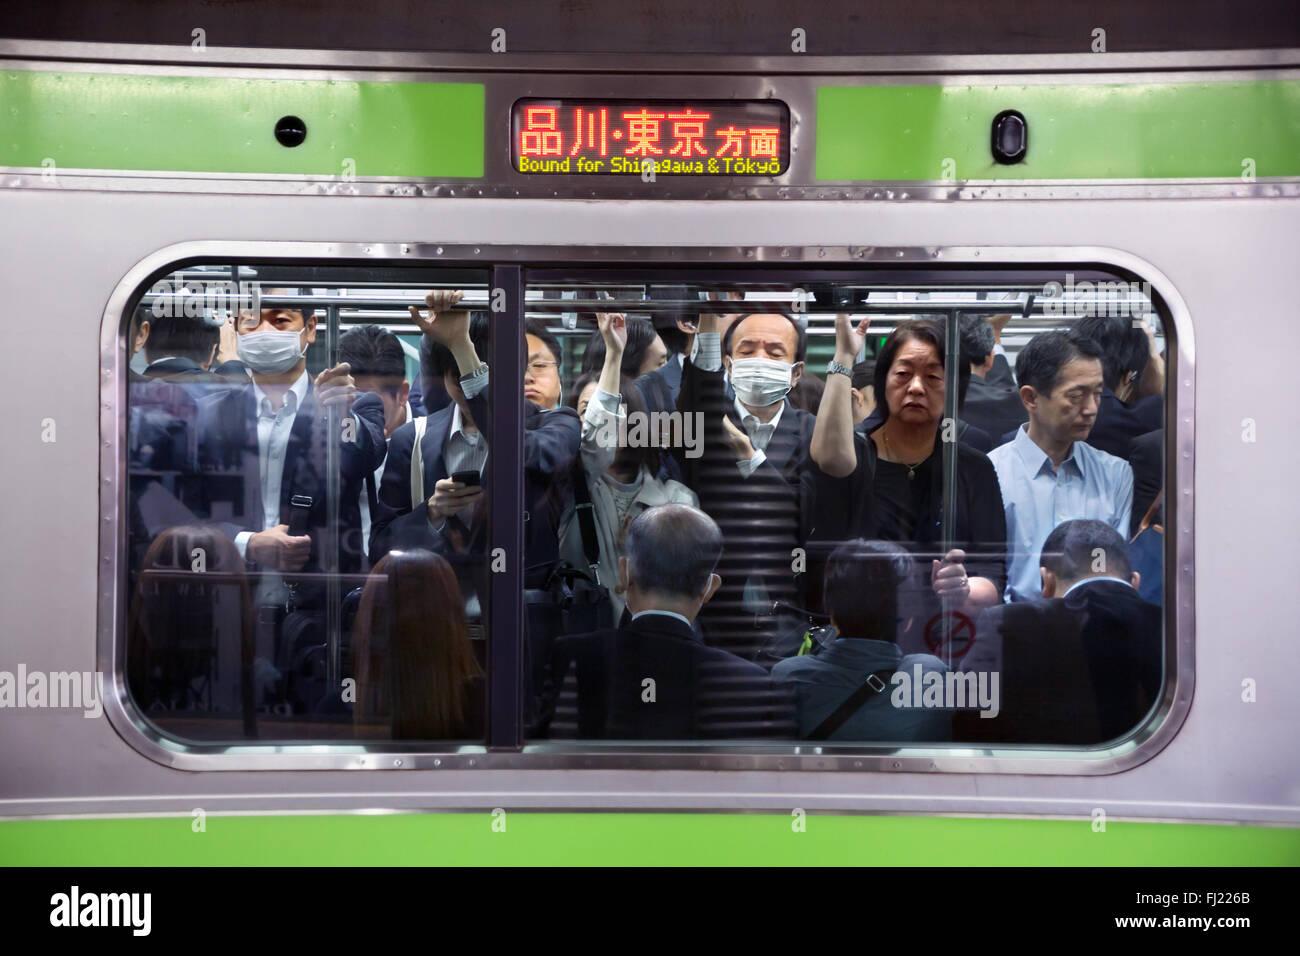 Menge und Rush Hour in den frühen Morgen für die Beschäftigten in der U-Bahn von Tokio, Japan Stockbild